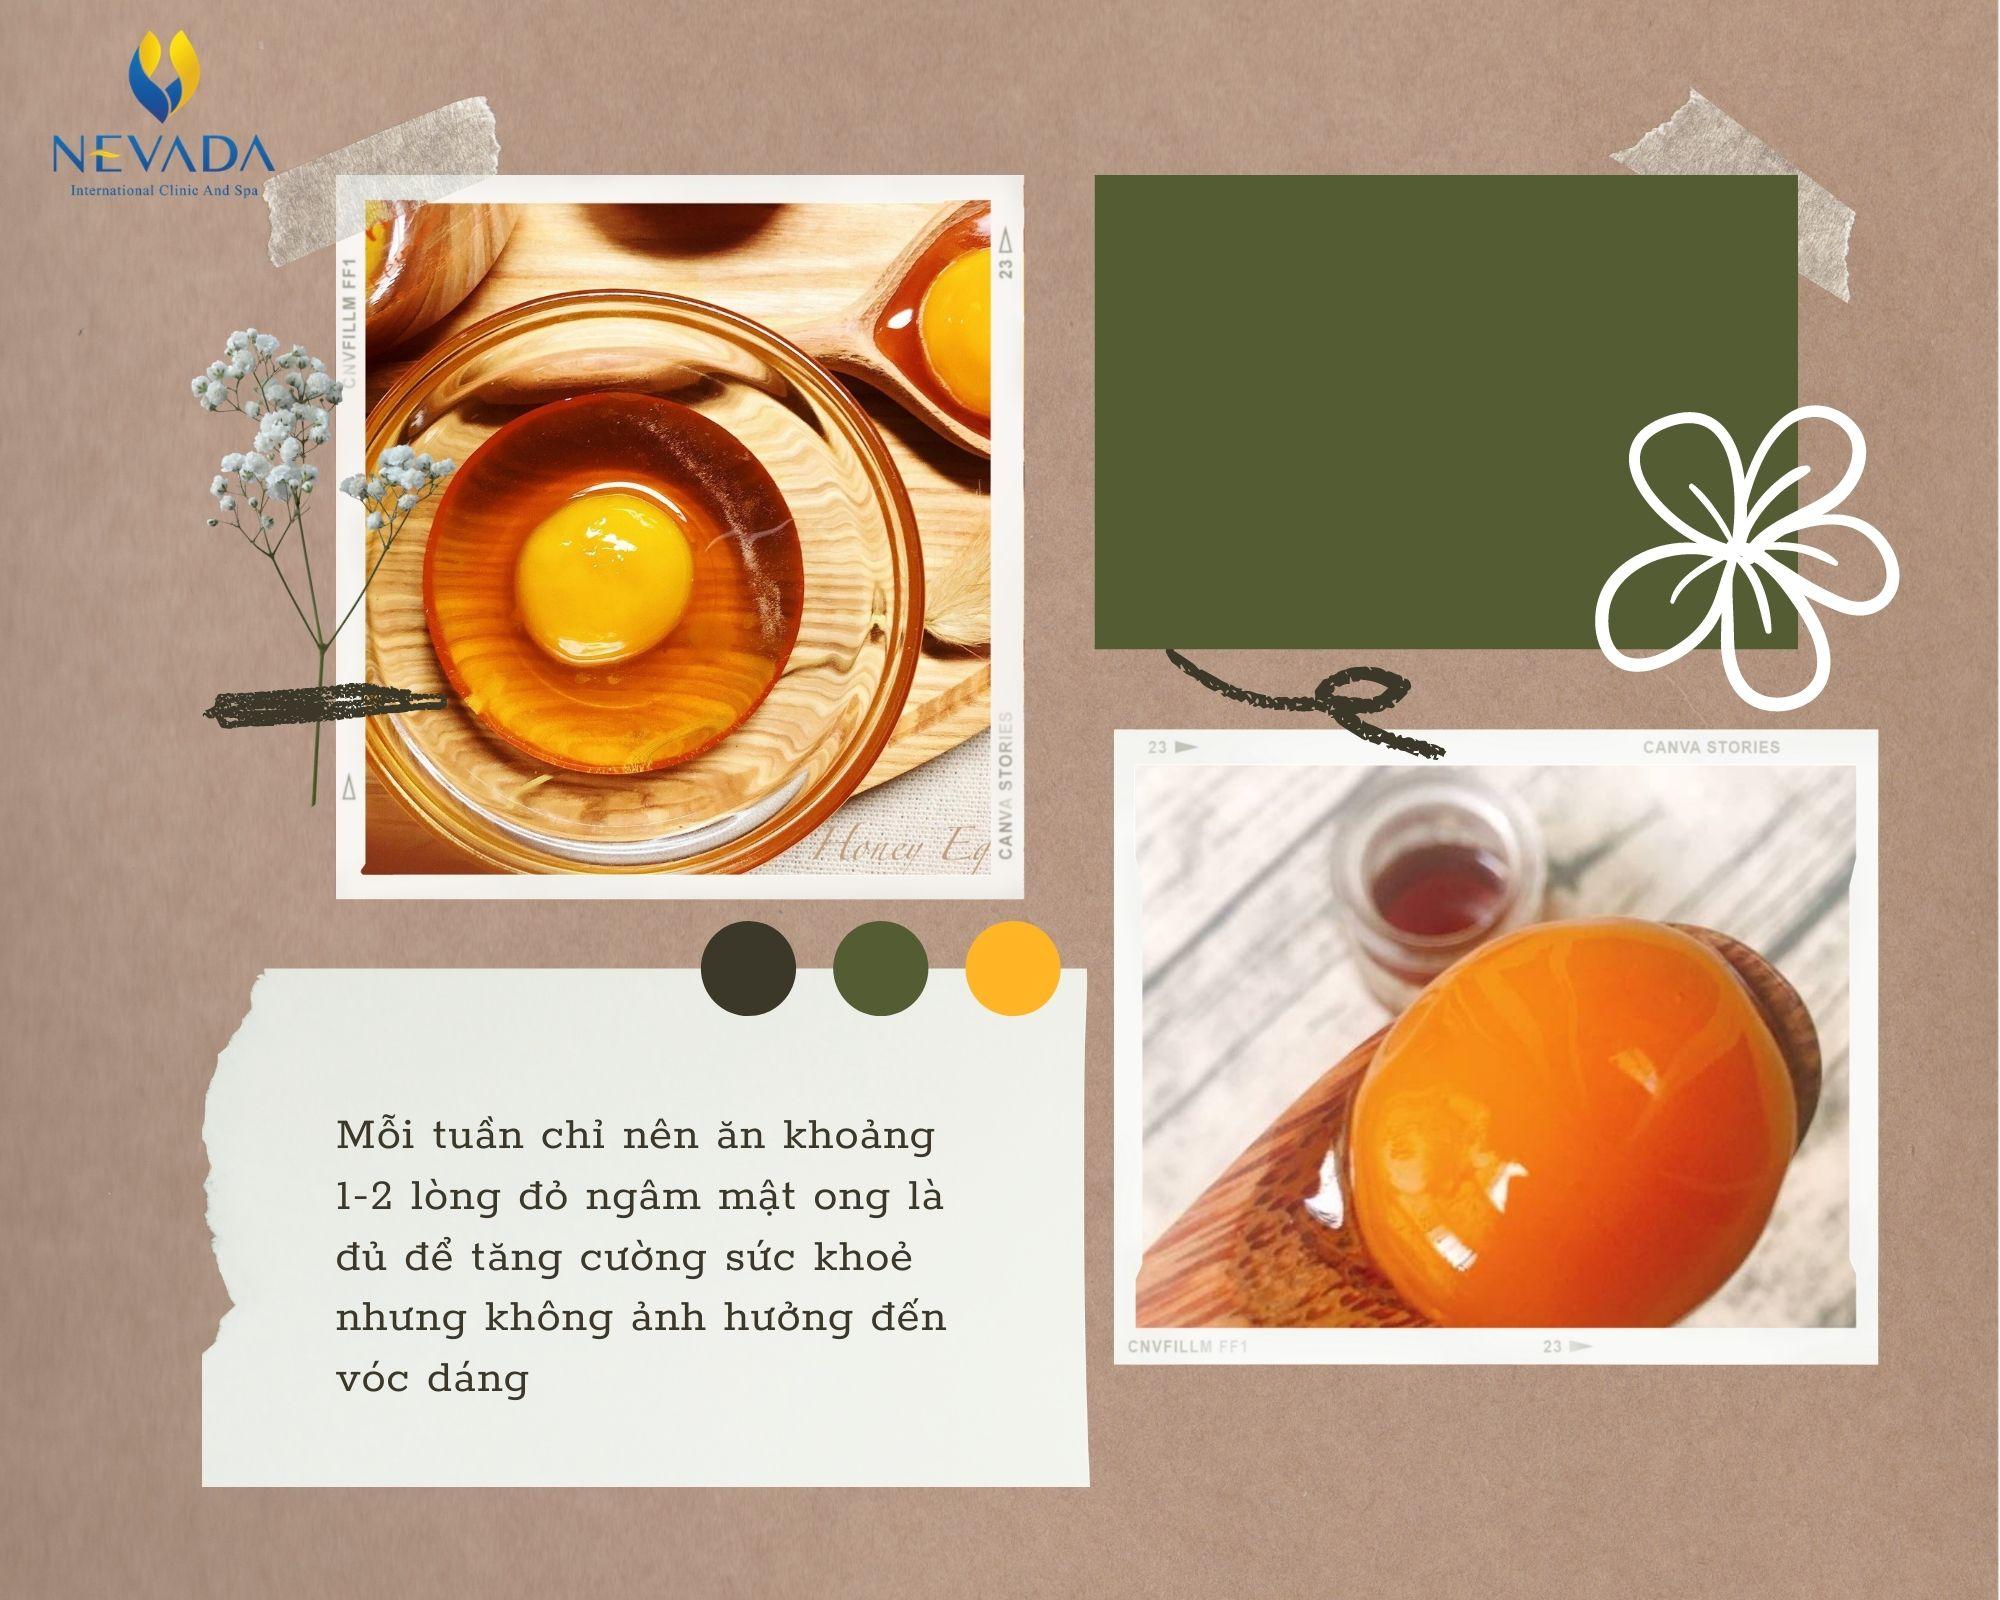 trứng mật ong giảm cân, trứng gà mật ong giảm cân, trứng gà ngâm mật ong giảm cân